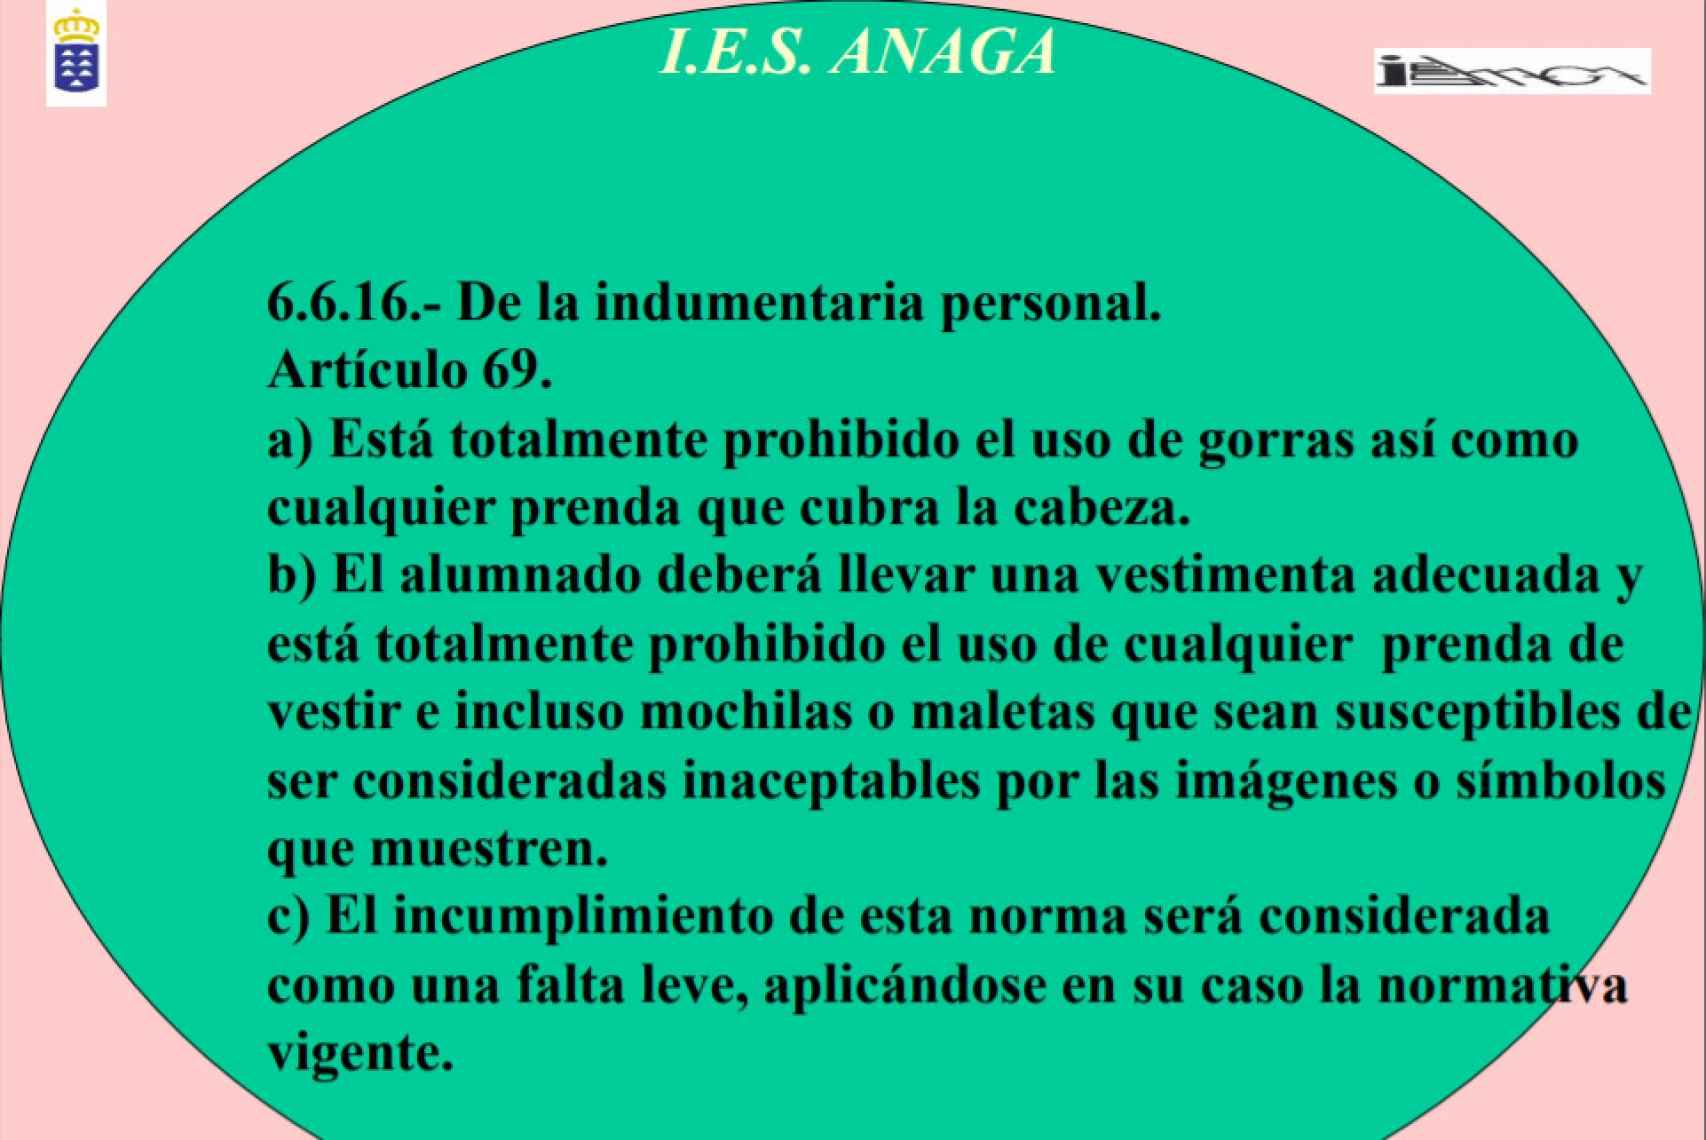 Artículo 69 de la normativa del IES Anaga, antes de ser modificada.